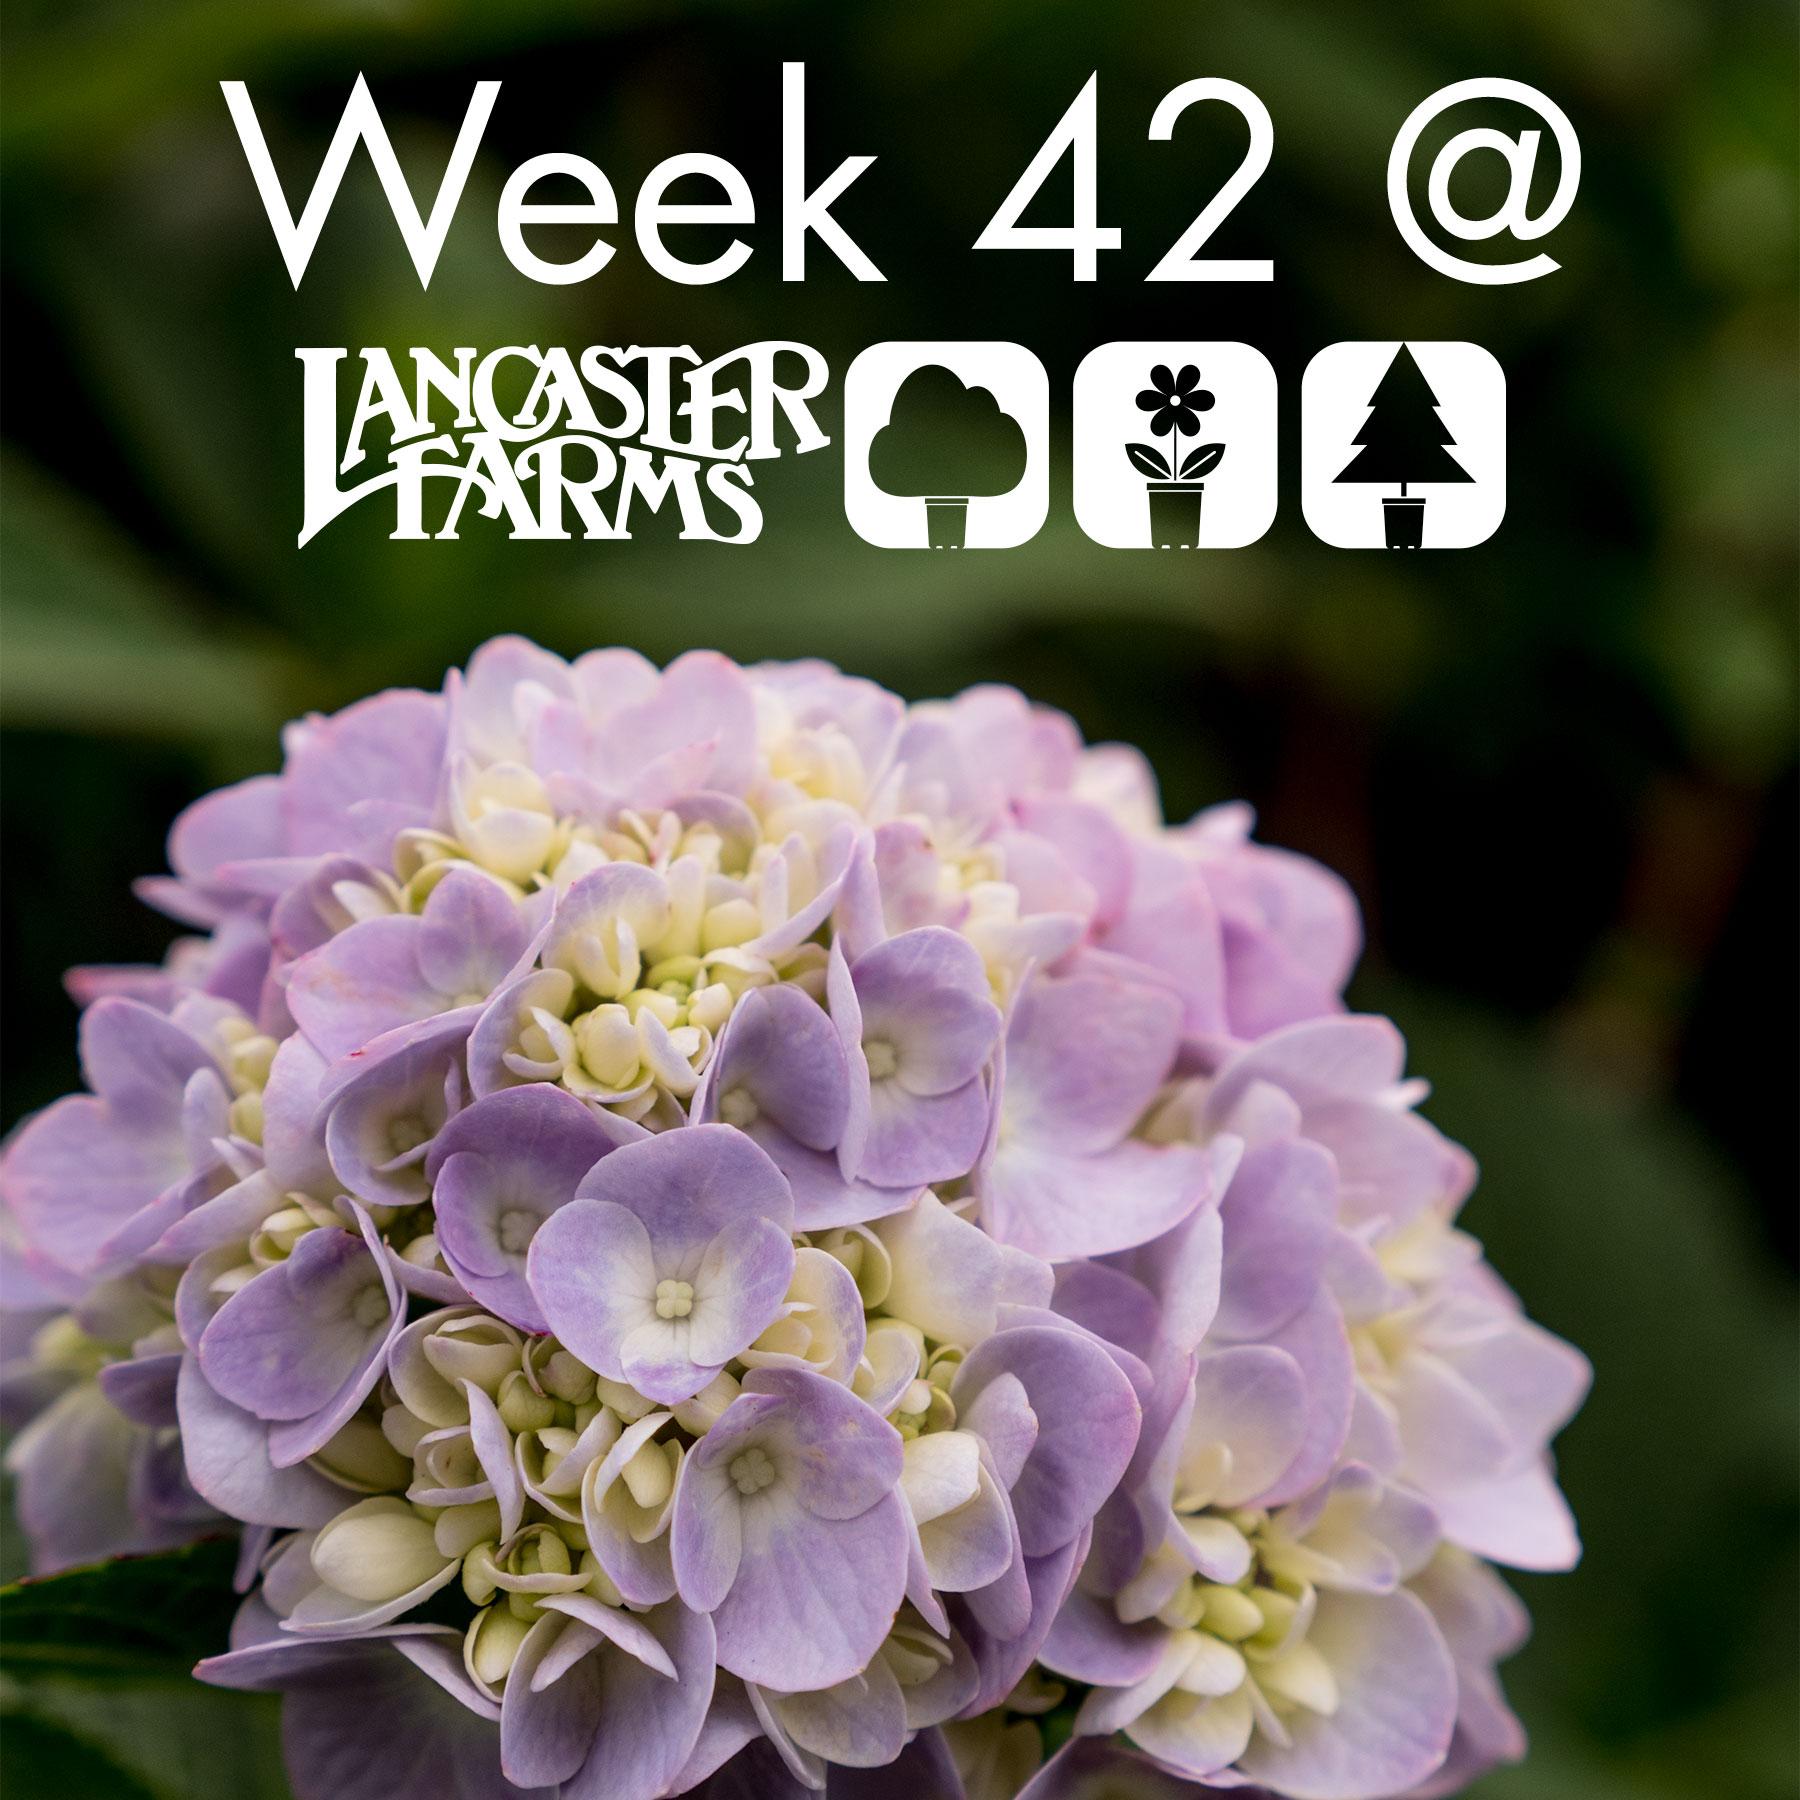 week42_header.jpg